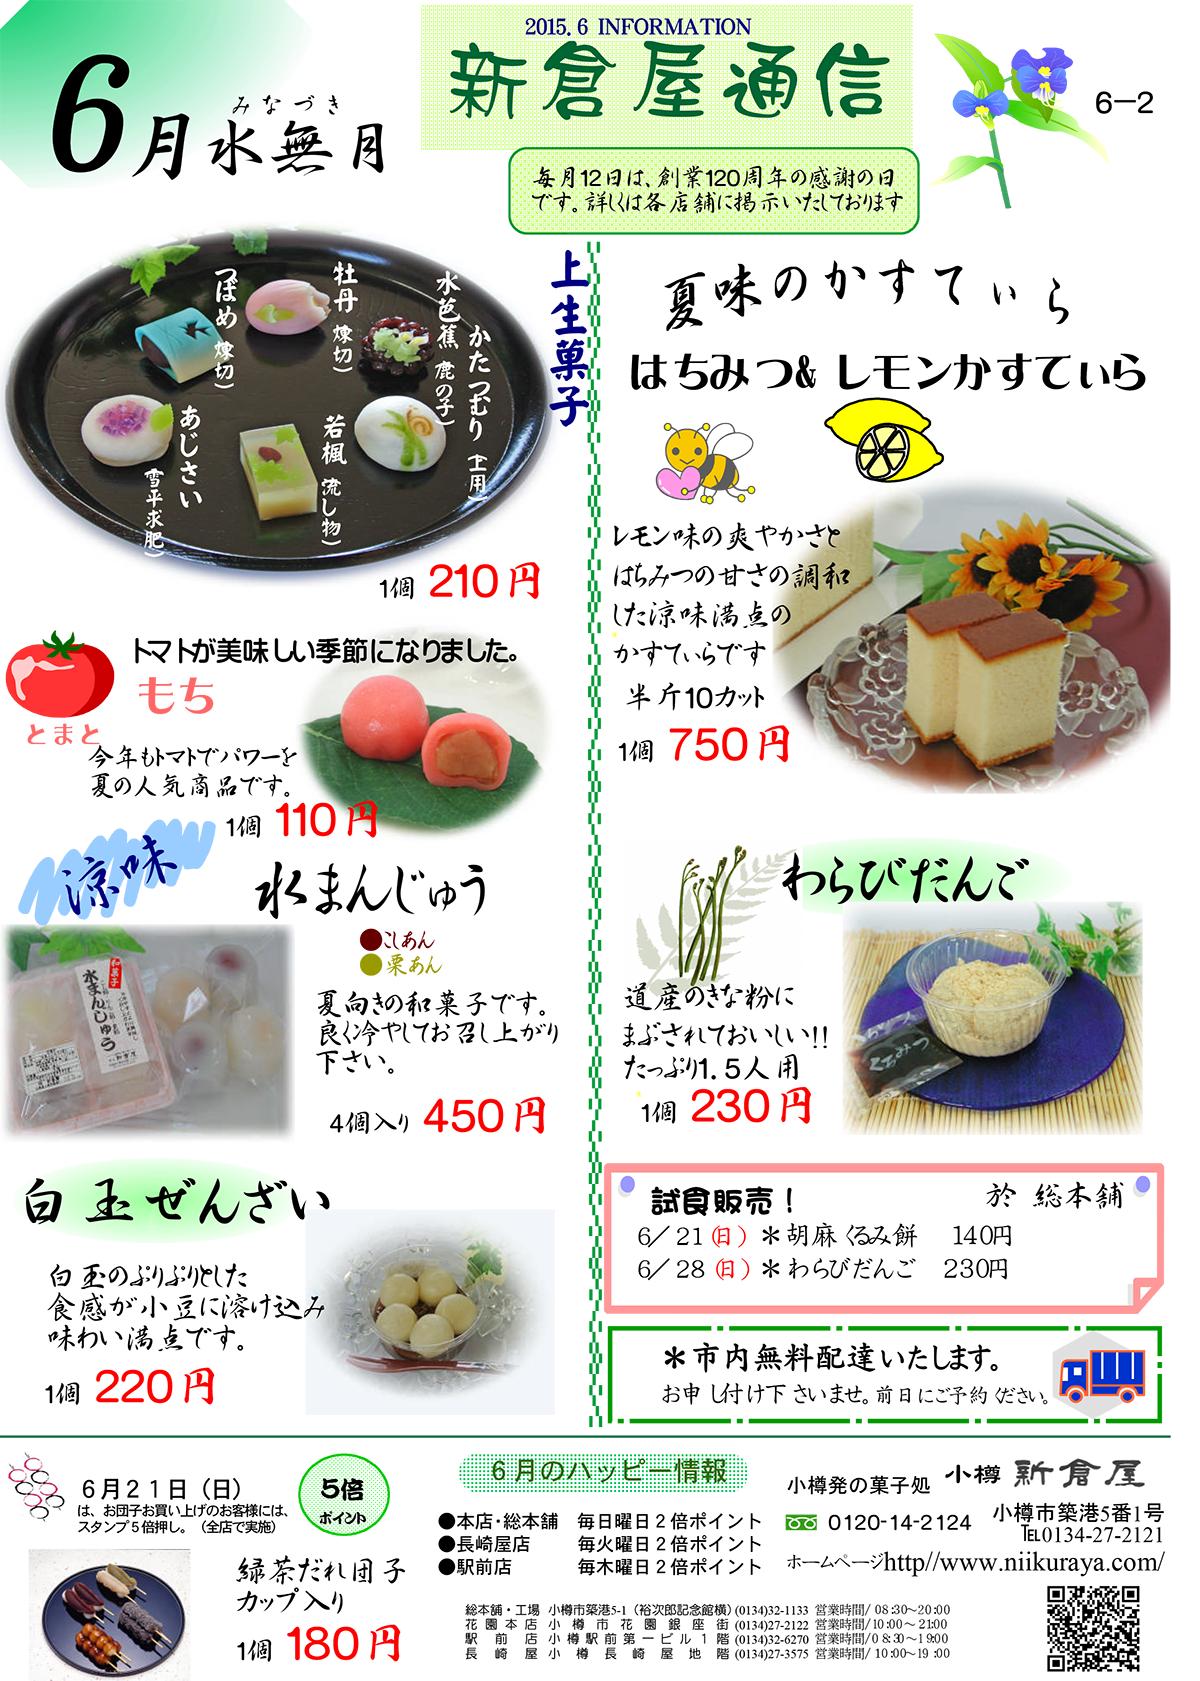 小樽新倉屋通信2015年6月2号